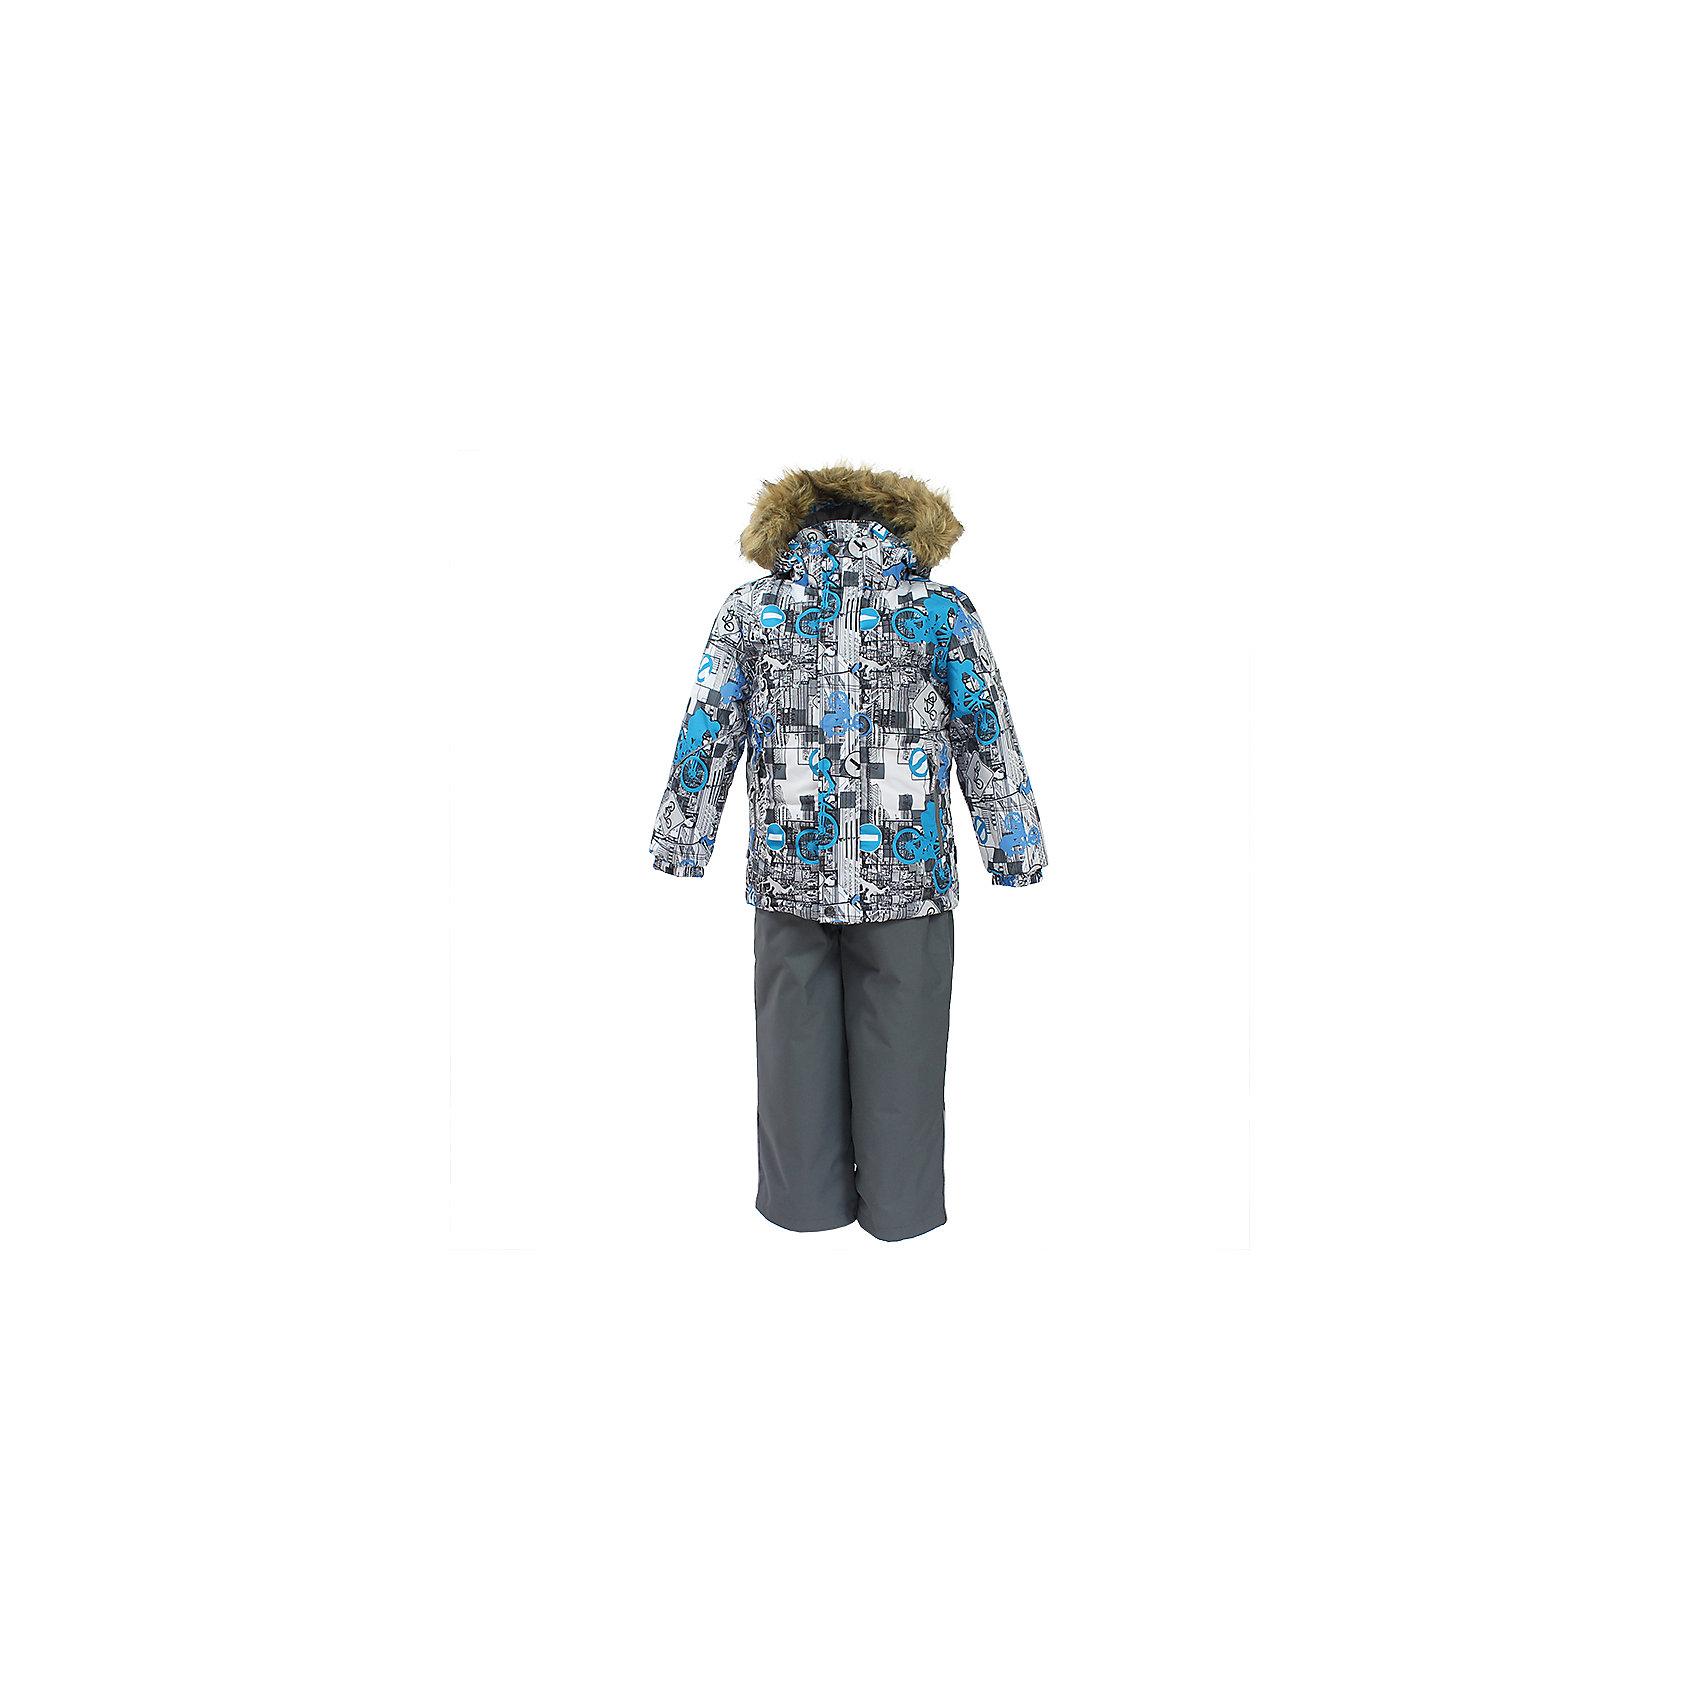 Комплект: куртка и брюки DANTE 1 HuppaКомплекты<br>Характеристики товара:<br><br>• модель: Dante 1;<br>• цвет: белый принт/серый;<br>• состав: 100% полиэстер;<br>• утеплитель: нового поколения HuppaTherm, 300 гр куртка / 160гр полукомбинезон;<br>• подкладка: полиэстер: тафта, pritex;<br>• сезон: зима;<br>• температурный режим: от -5 до - 30С;<br>• водонепроницаемость: 10000 мм  ;<br>• воздухопроницаемость: 10000 г/м2/24ч;<br>• особенности модели: c рисунком; с мехом на капюшоне;<br>• плечевые швы и шаговый шов проклеены и не пропускают влагу;<br>• в куртке застежка молния, прикрыта планкой;<br>• низ куртки стягивается кулиской, что помогает предотвращать попадание снега внутрь;<br>• в полукомбинезоне застежка молния;<br>• эластичные подтяжки регулируются по длине;<br>• низ брюк затягивается на шнурок с фиксатором;<br>• снегозащитные манжеты на штанинах;<br>• безопасный капюшон крепится на кнопки и, при необходимости, отстегивается;<br>• искусственный мех на капюшоне съемный;<br>• светоотражающие элементы для безопасности ребенка ;<br>• внутренний и боковые карманы застегиваются на молнию;<br>• манжеты рукавов эластичные, на резинках; <br>• страна бренда: Финляндия;<br>• страна изготовитель: Эстония.<br><br>Зимний комплект Dante 1 - это отличный вариант для холодной зимы. Утеплитель HuppaTherm - высокотехнологичный легкий синтетический утеплитель нового поколения. Сохраняет объем и высокую теплоизоляцию изделия. Легко стирается и быстро сохнет.Изделия HuppaTherm легкие по весу, комфортные и теплые.<br><br>Мембрана препятствует прохождению воды и ветра сквозь ткань внутрь изделия, позволяя испаряться выделяемой телом, образовывающейся внутри влаге. Прочная ткань: сплетения волокон в тканях выполнены по специальной технологии, которая придаёт ткани прочность и предохранят от истирания.Подкладка —полиэстер: тафта, pritex.<br><br>Функциональные элементы: Куртка: капюшон и мех отстегивается,  застежка молния, прикрыта планкой, манжеты на резинке, светоотражающие элементы.